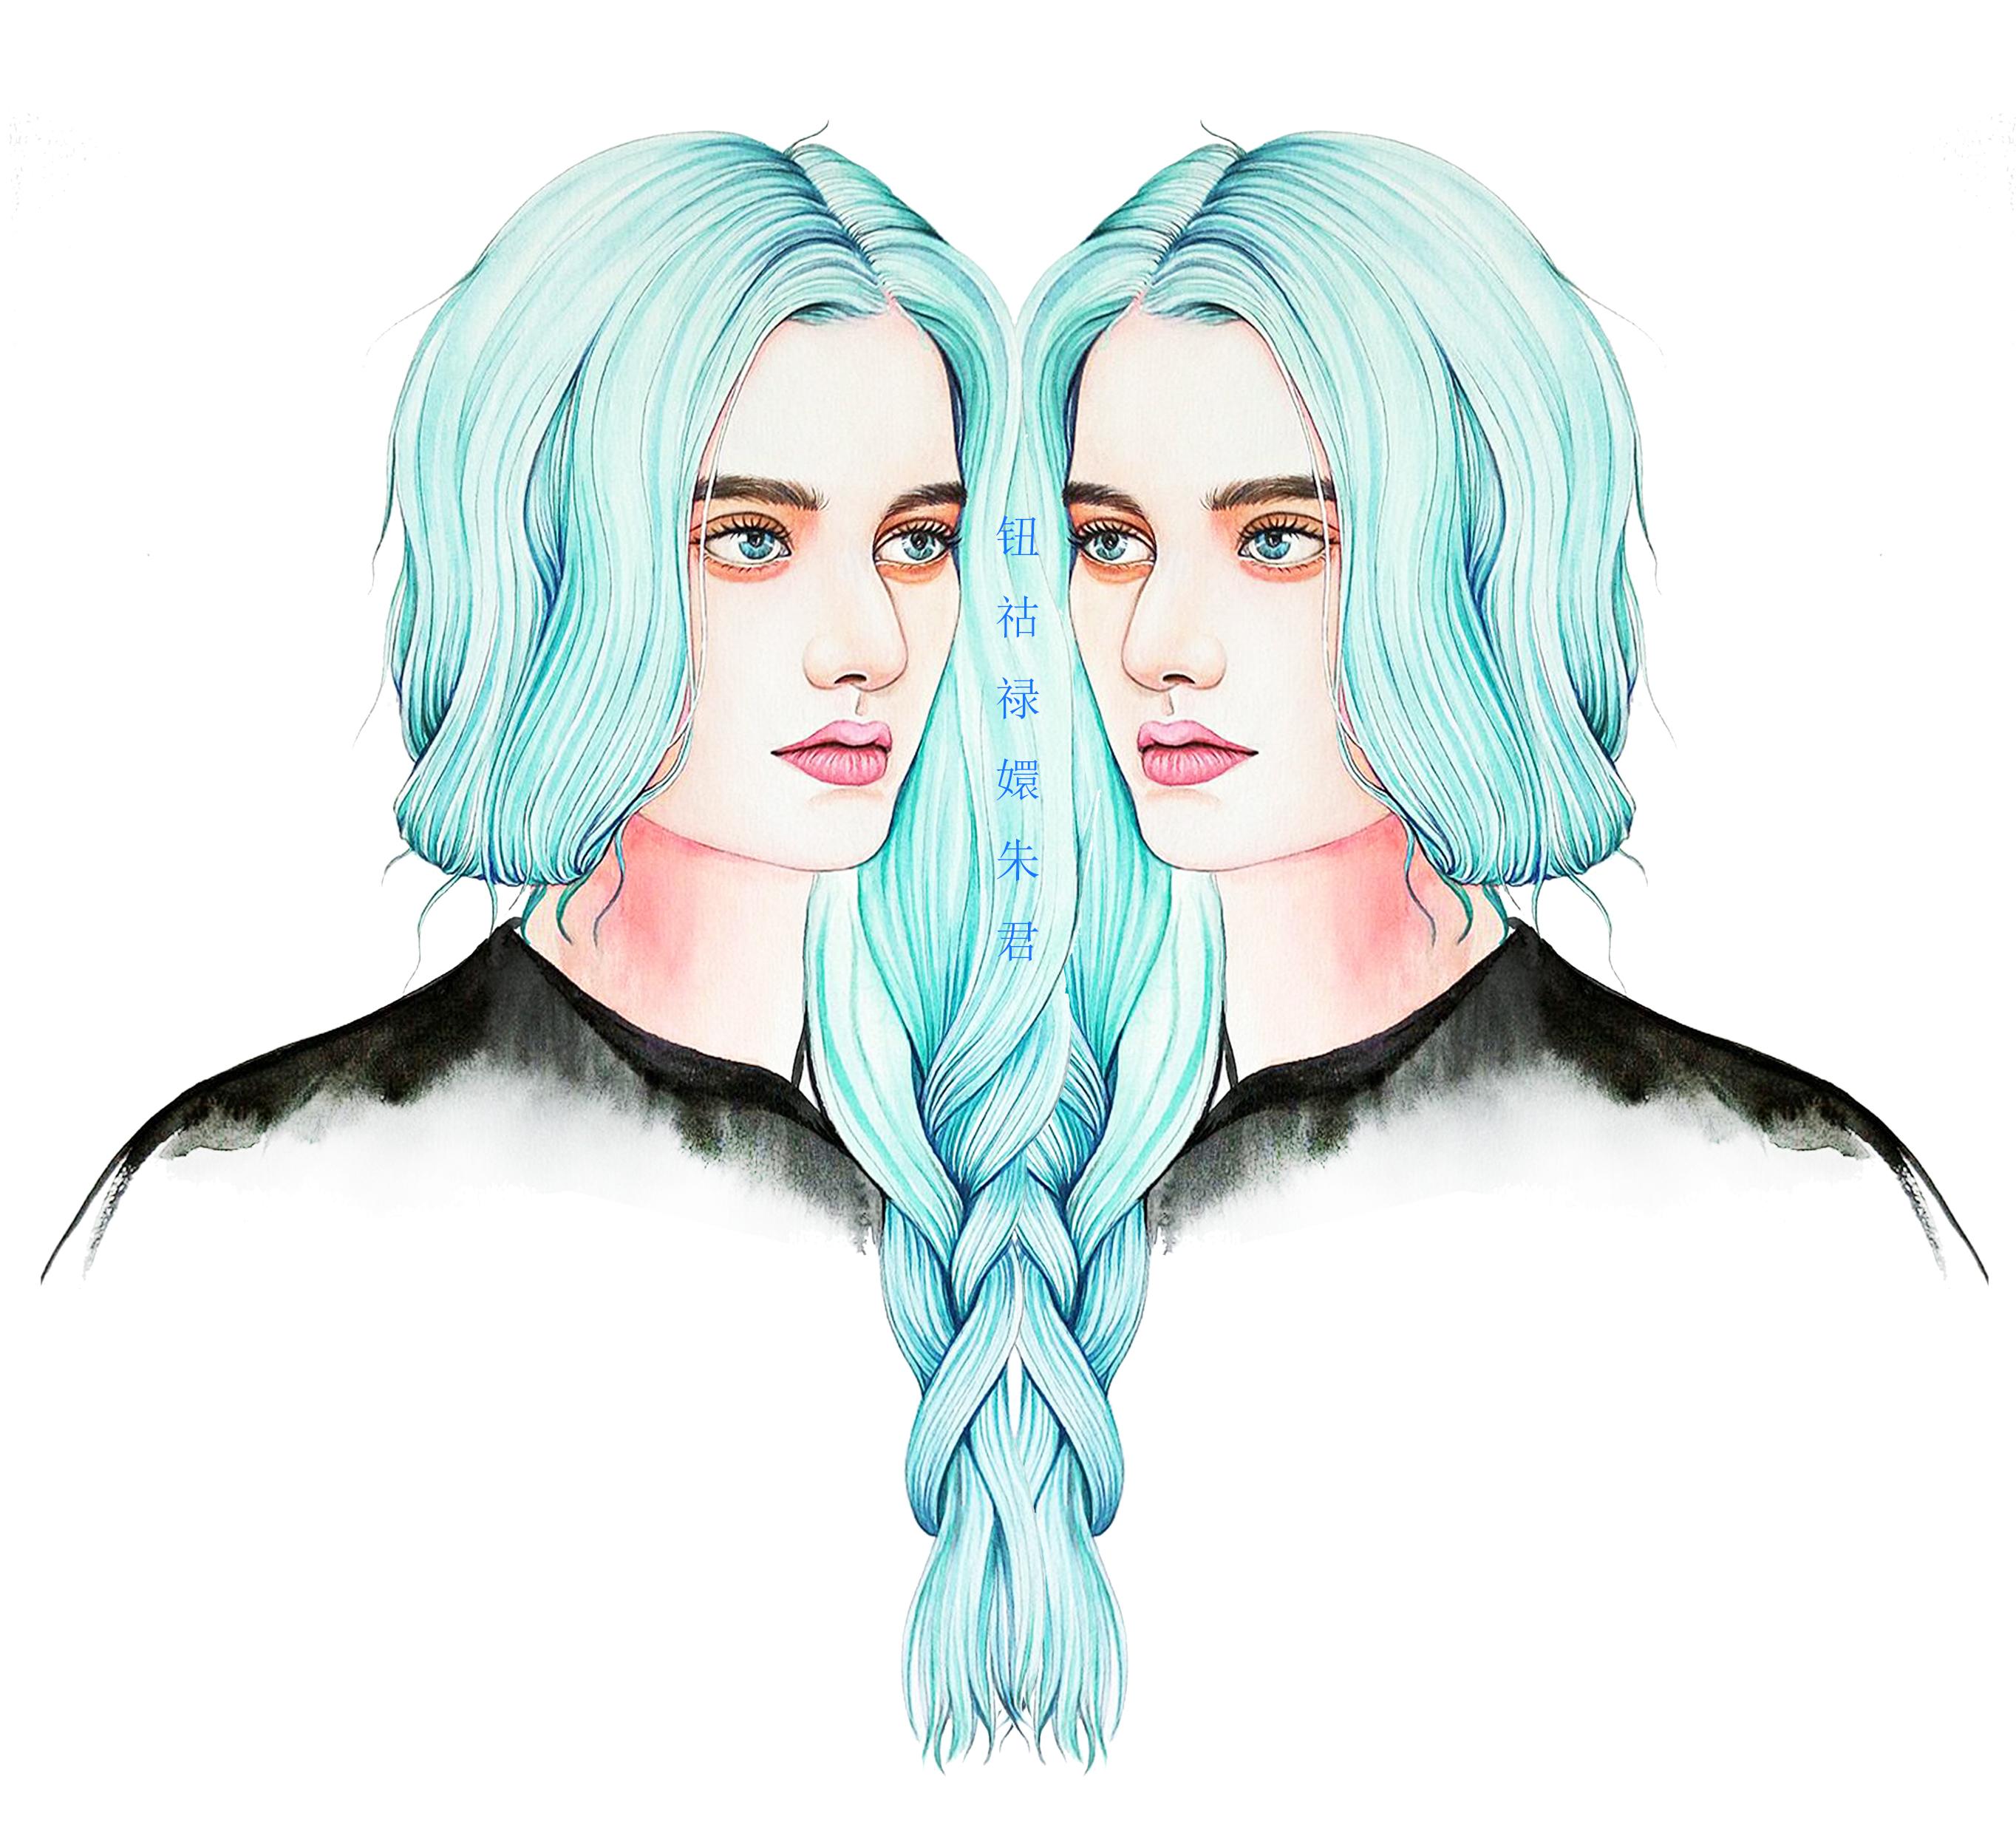 双生手绘设计图片